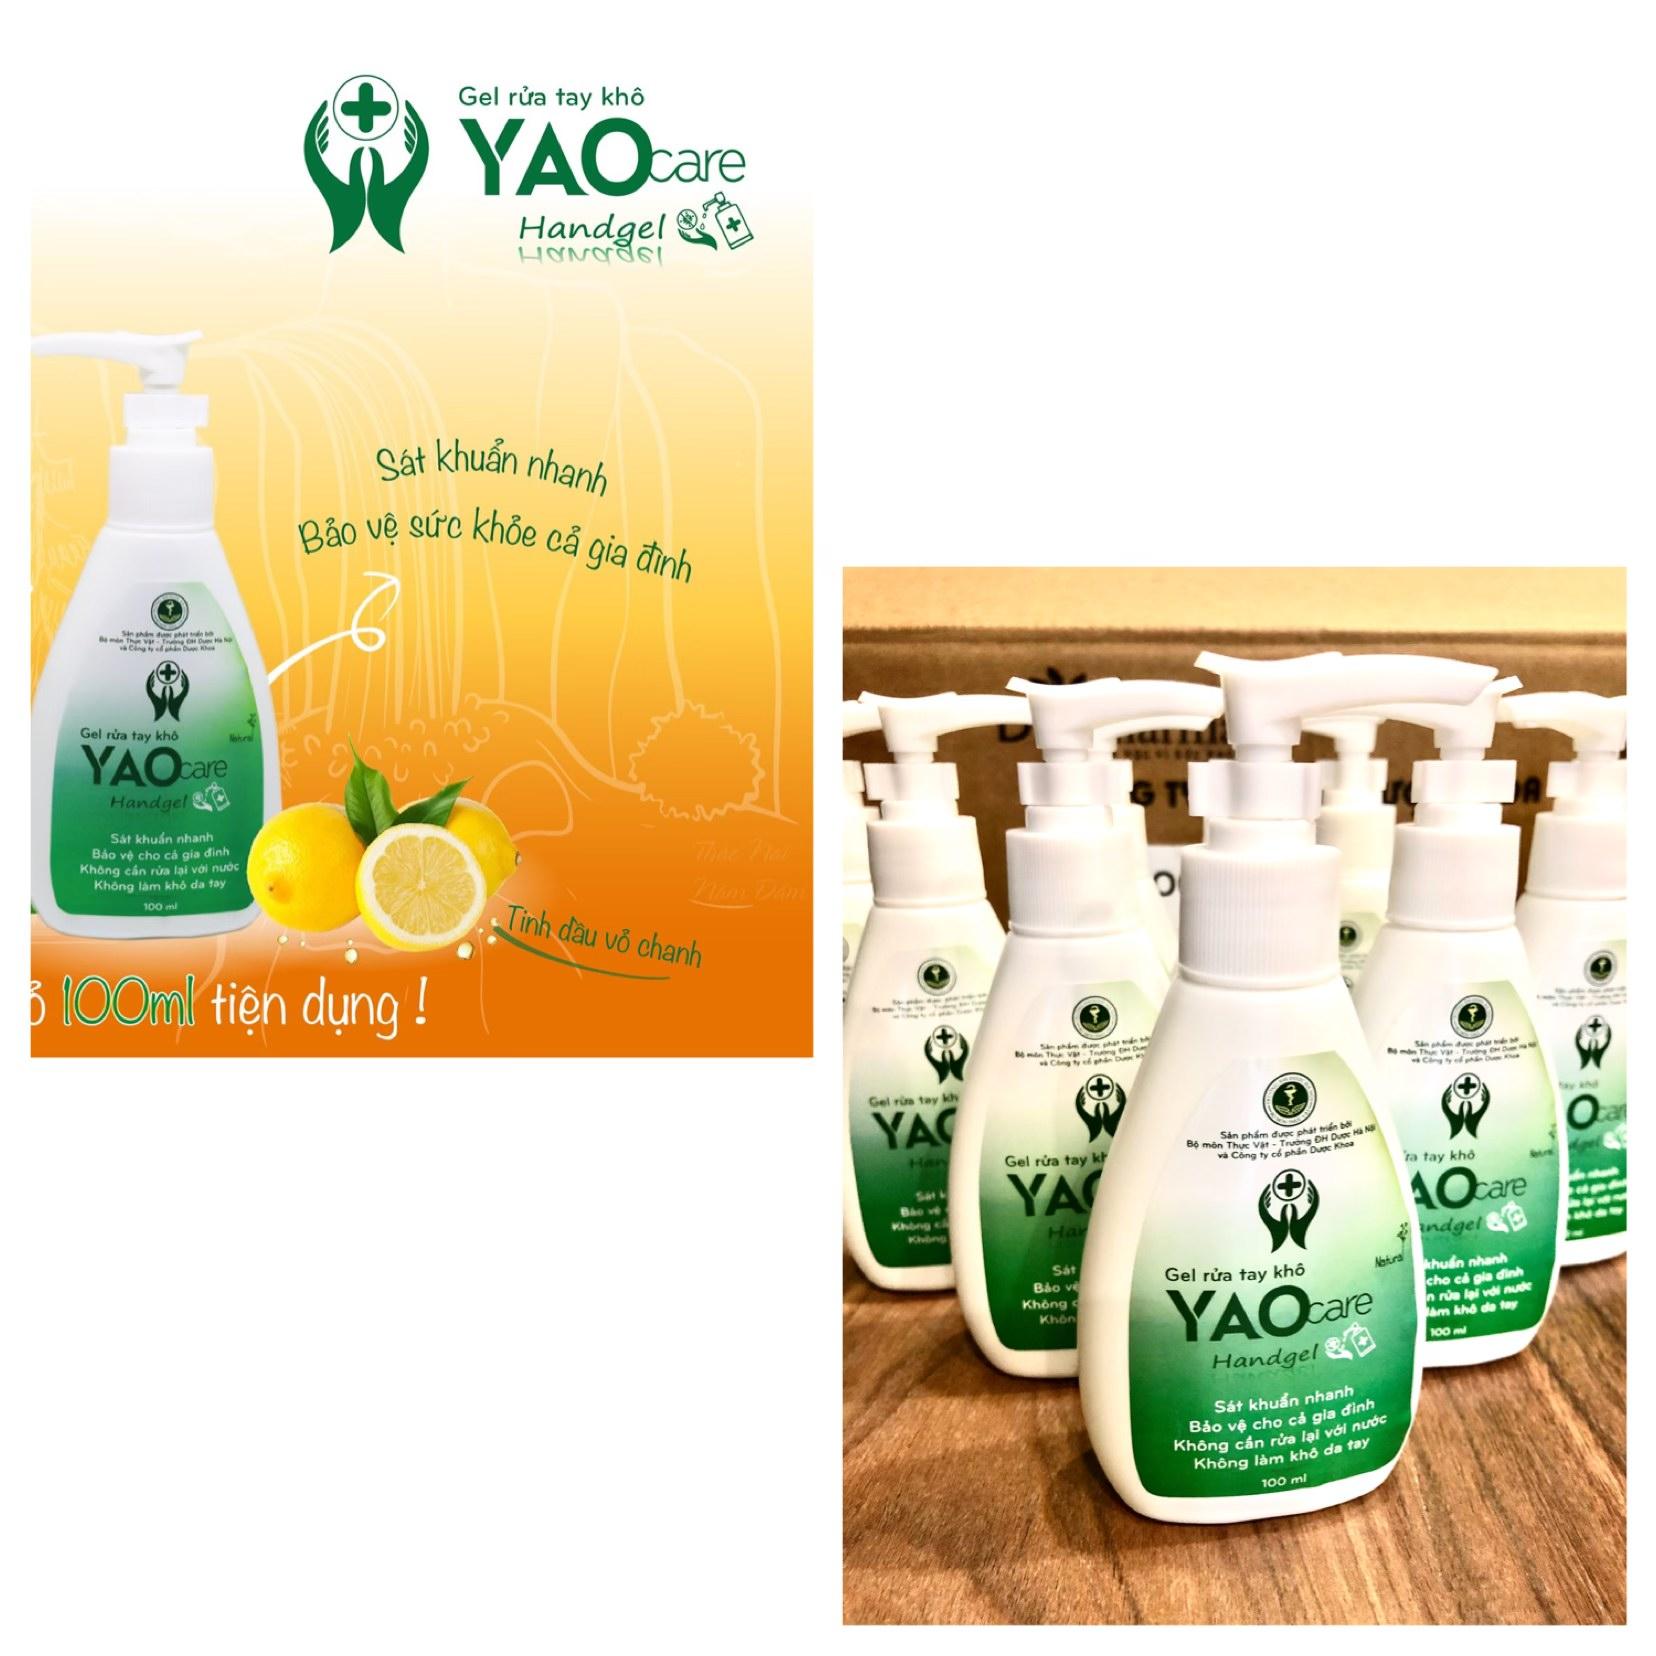 (ĐÃ KIỂM NGHIỆM) Gel rửa tay khô YAOCARE 100ml- không cồn công nghiệp của Đại học Dược HN- sát khuẩn nhanh, không làm khô da tay cao cấp